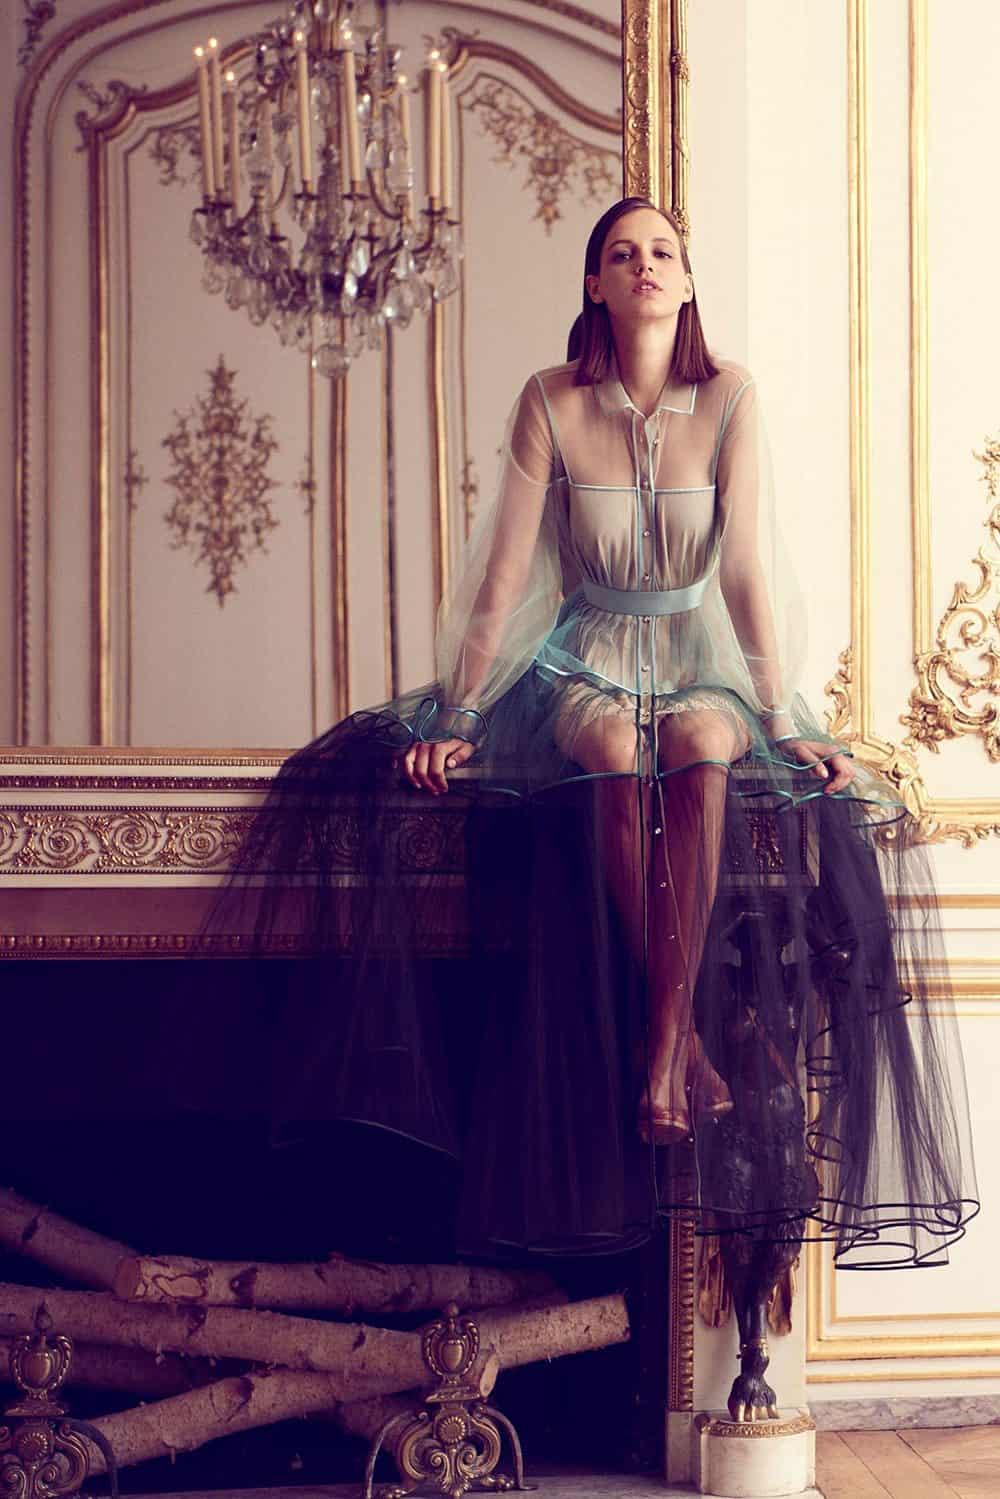 Alexis-Mabille-foto-reproducao-6